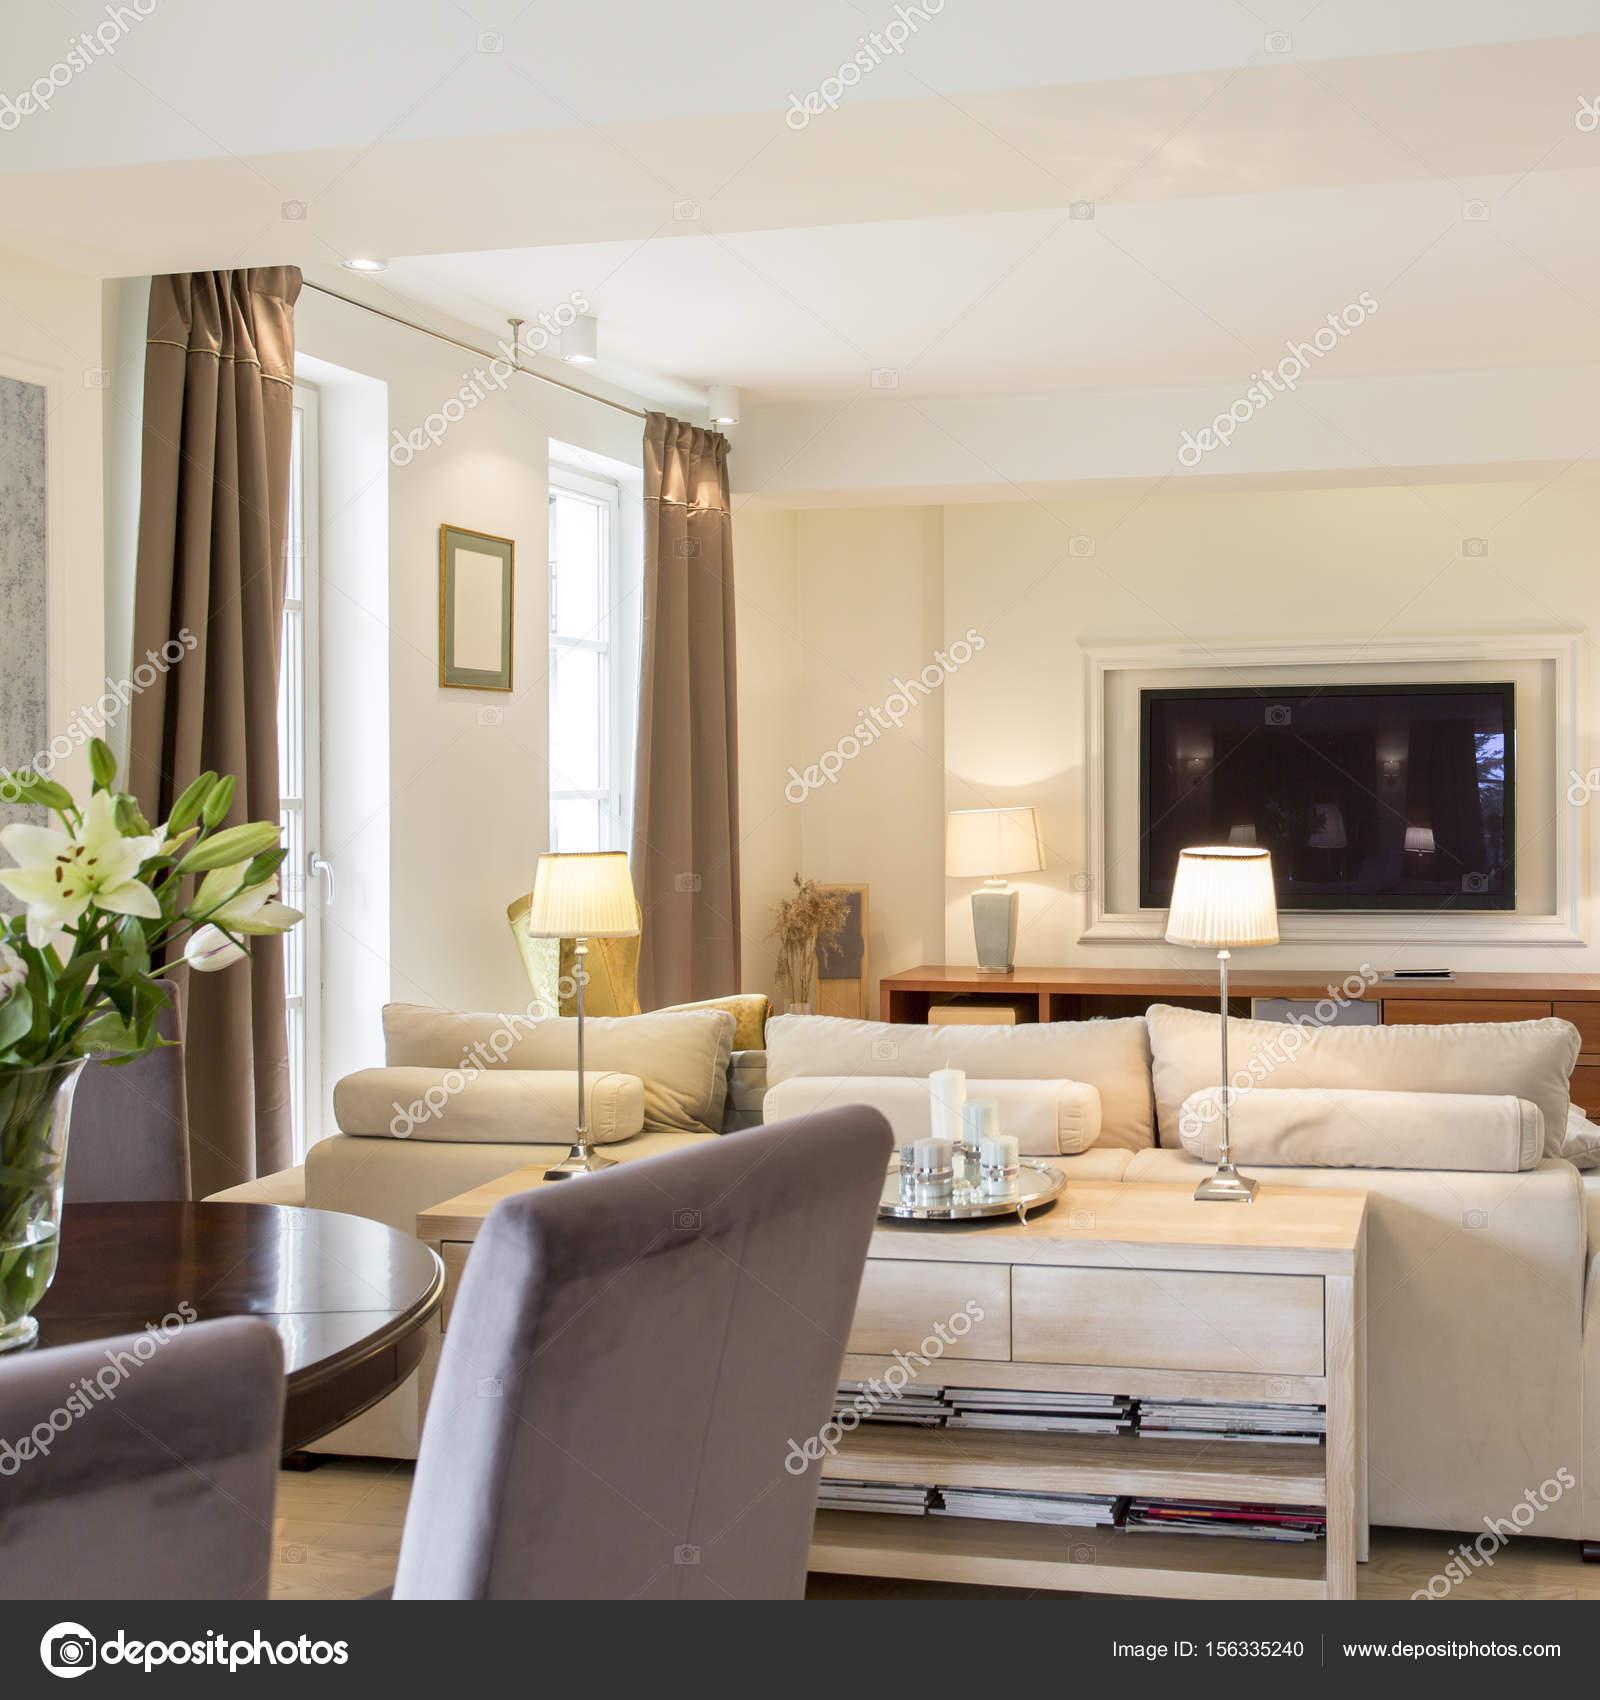 Modernes Wohnzimmer Mit Stilvollen Möbeln Und Tv Set Offen Zum Esszimmer  Mit Tisch Und Stühlen U2014 Foto Von Photographee.eu